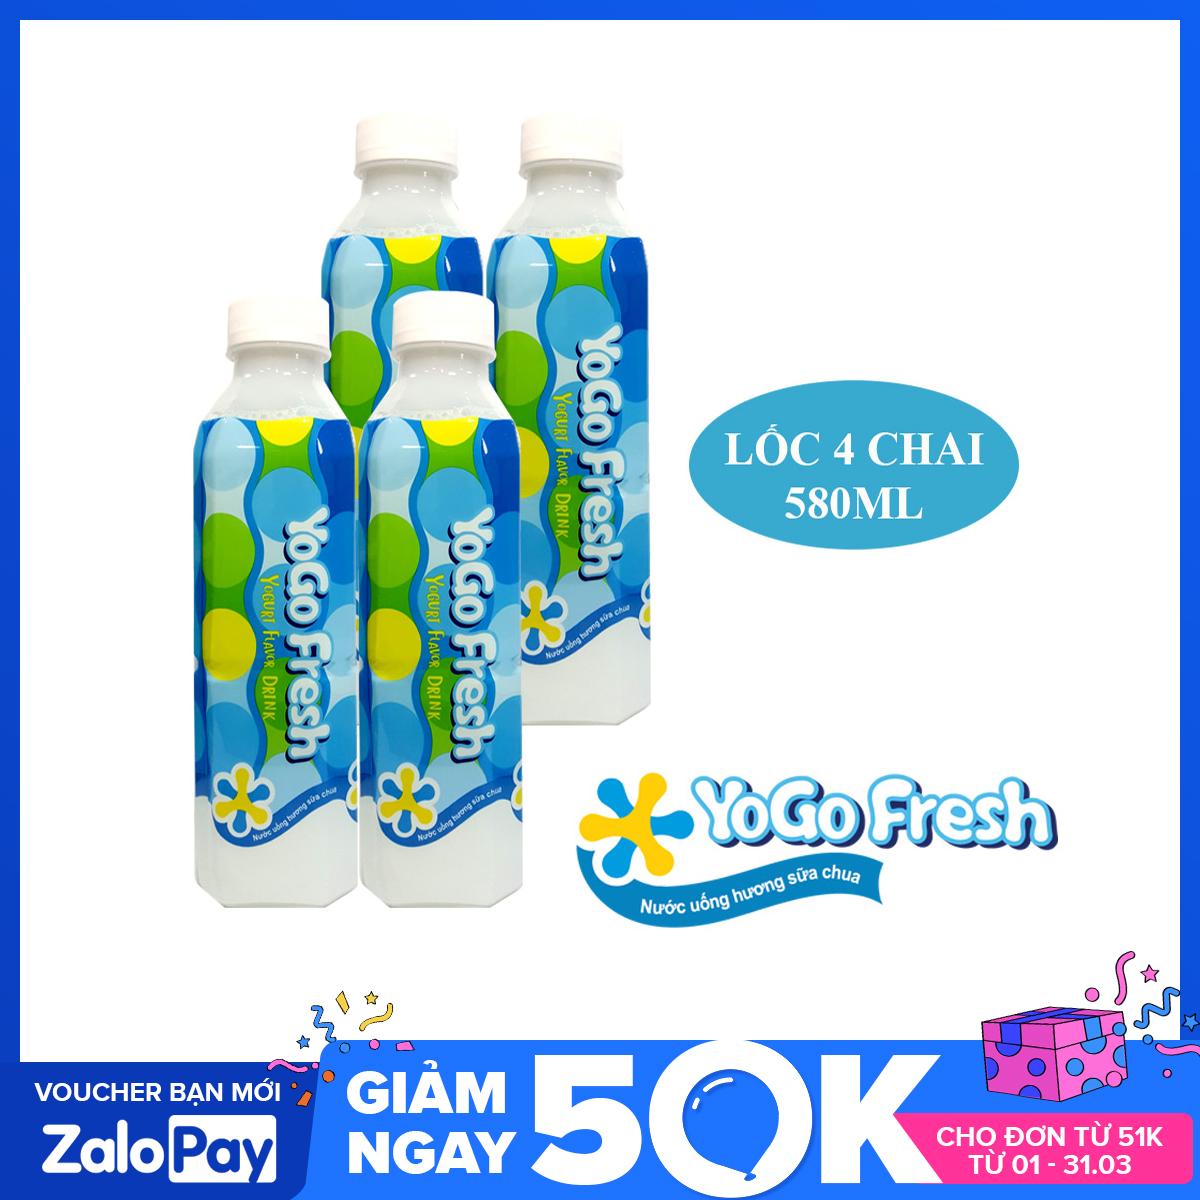 Lốc 4 chai nước uống hương sữa chua YOGOFRESH (580ml) - Nhập khẩu Đài Loan